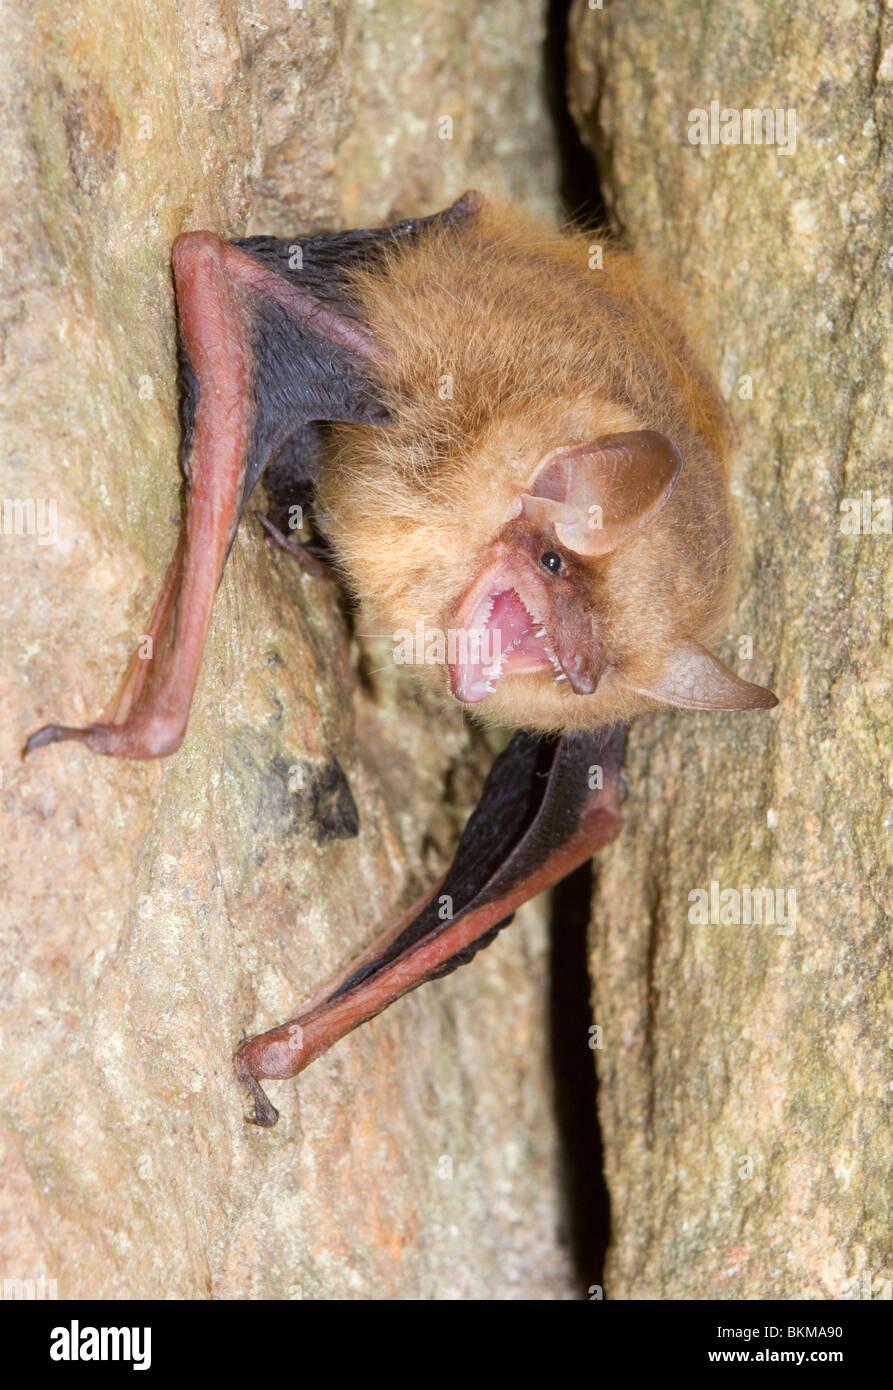 Dreifarbige bat- oder östlichen pipistrelle (Pipistrellus [Perimyotis] subflavus), Georgia, USA.. Stockbild